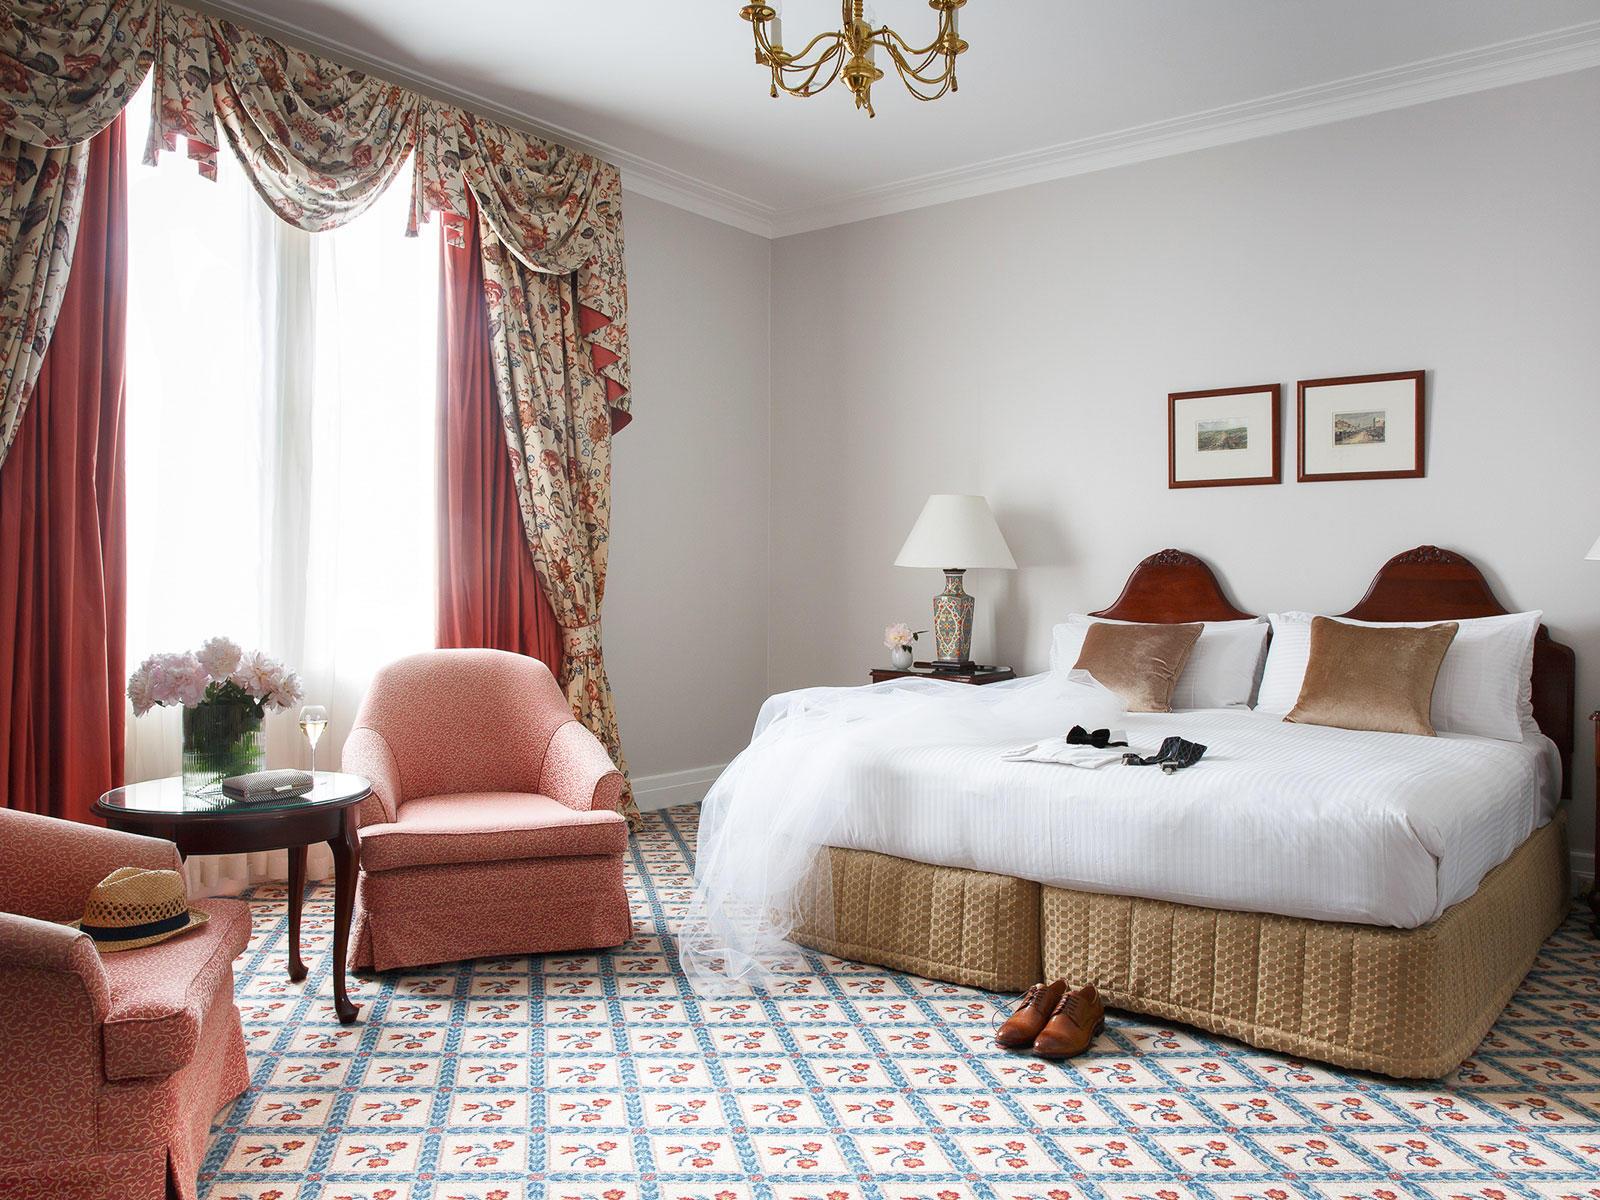 Windsor Suite Bedroom at The Hotel Windsor Melbourne